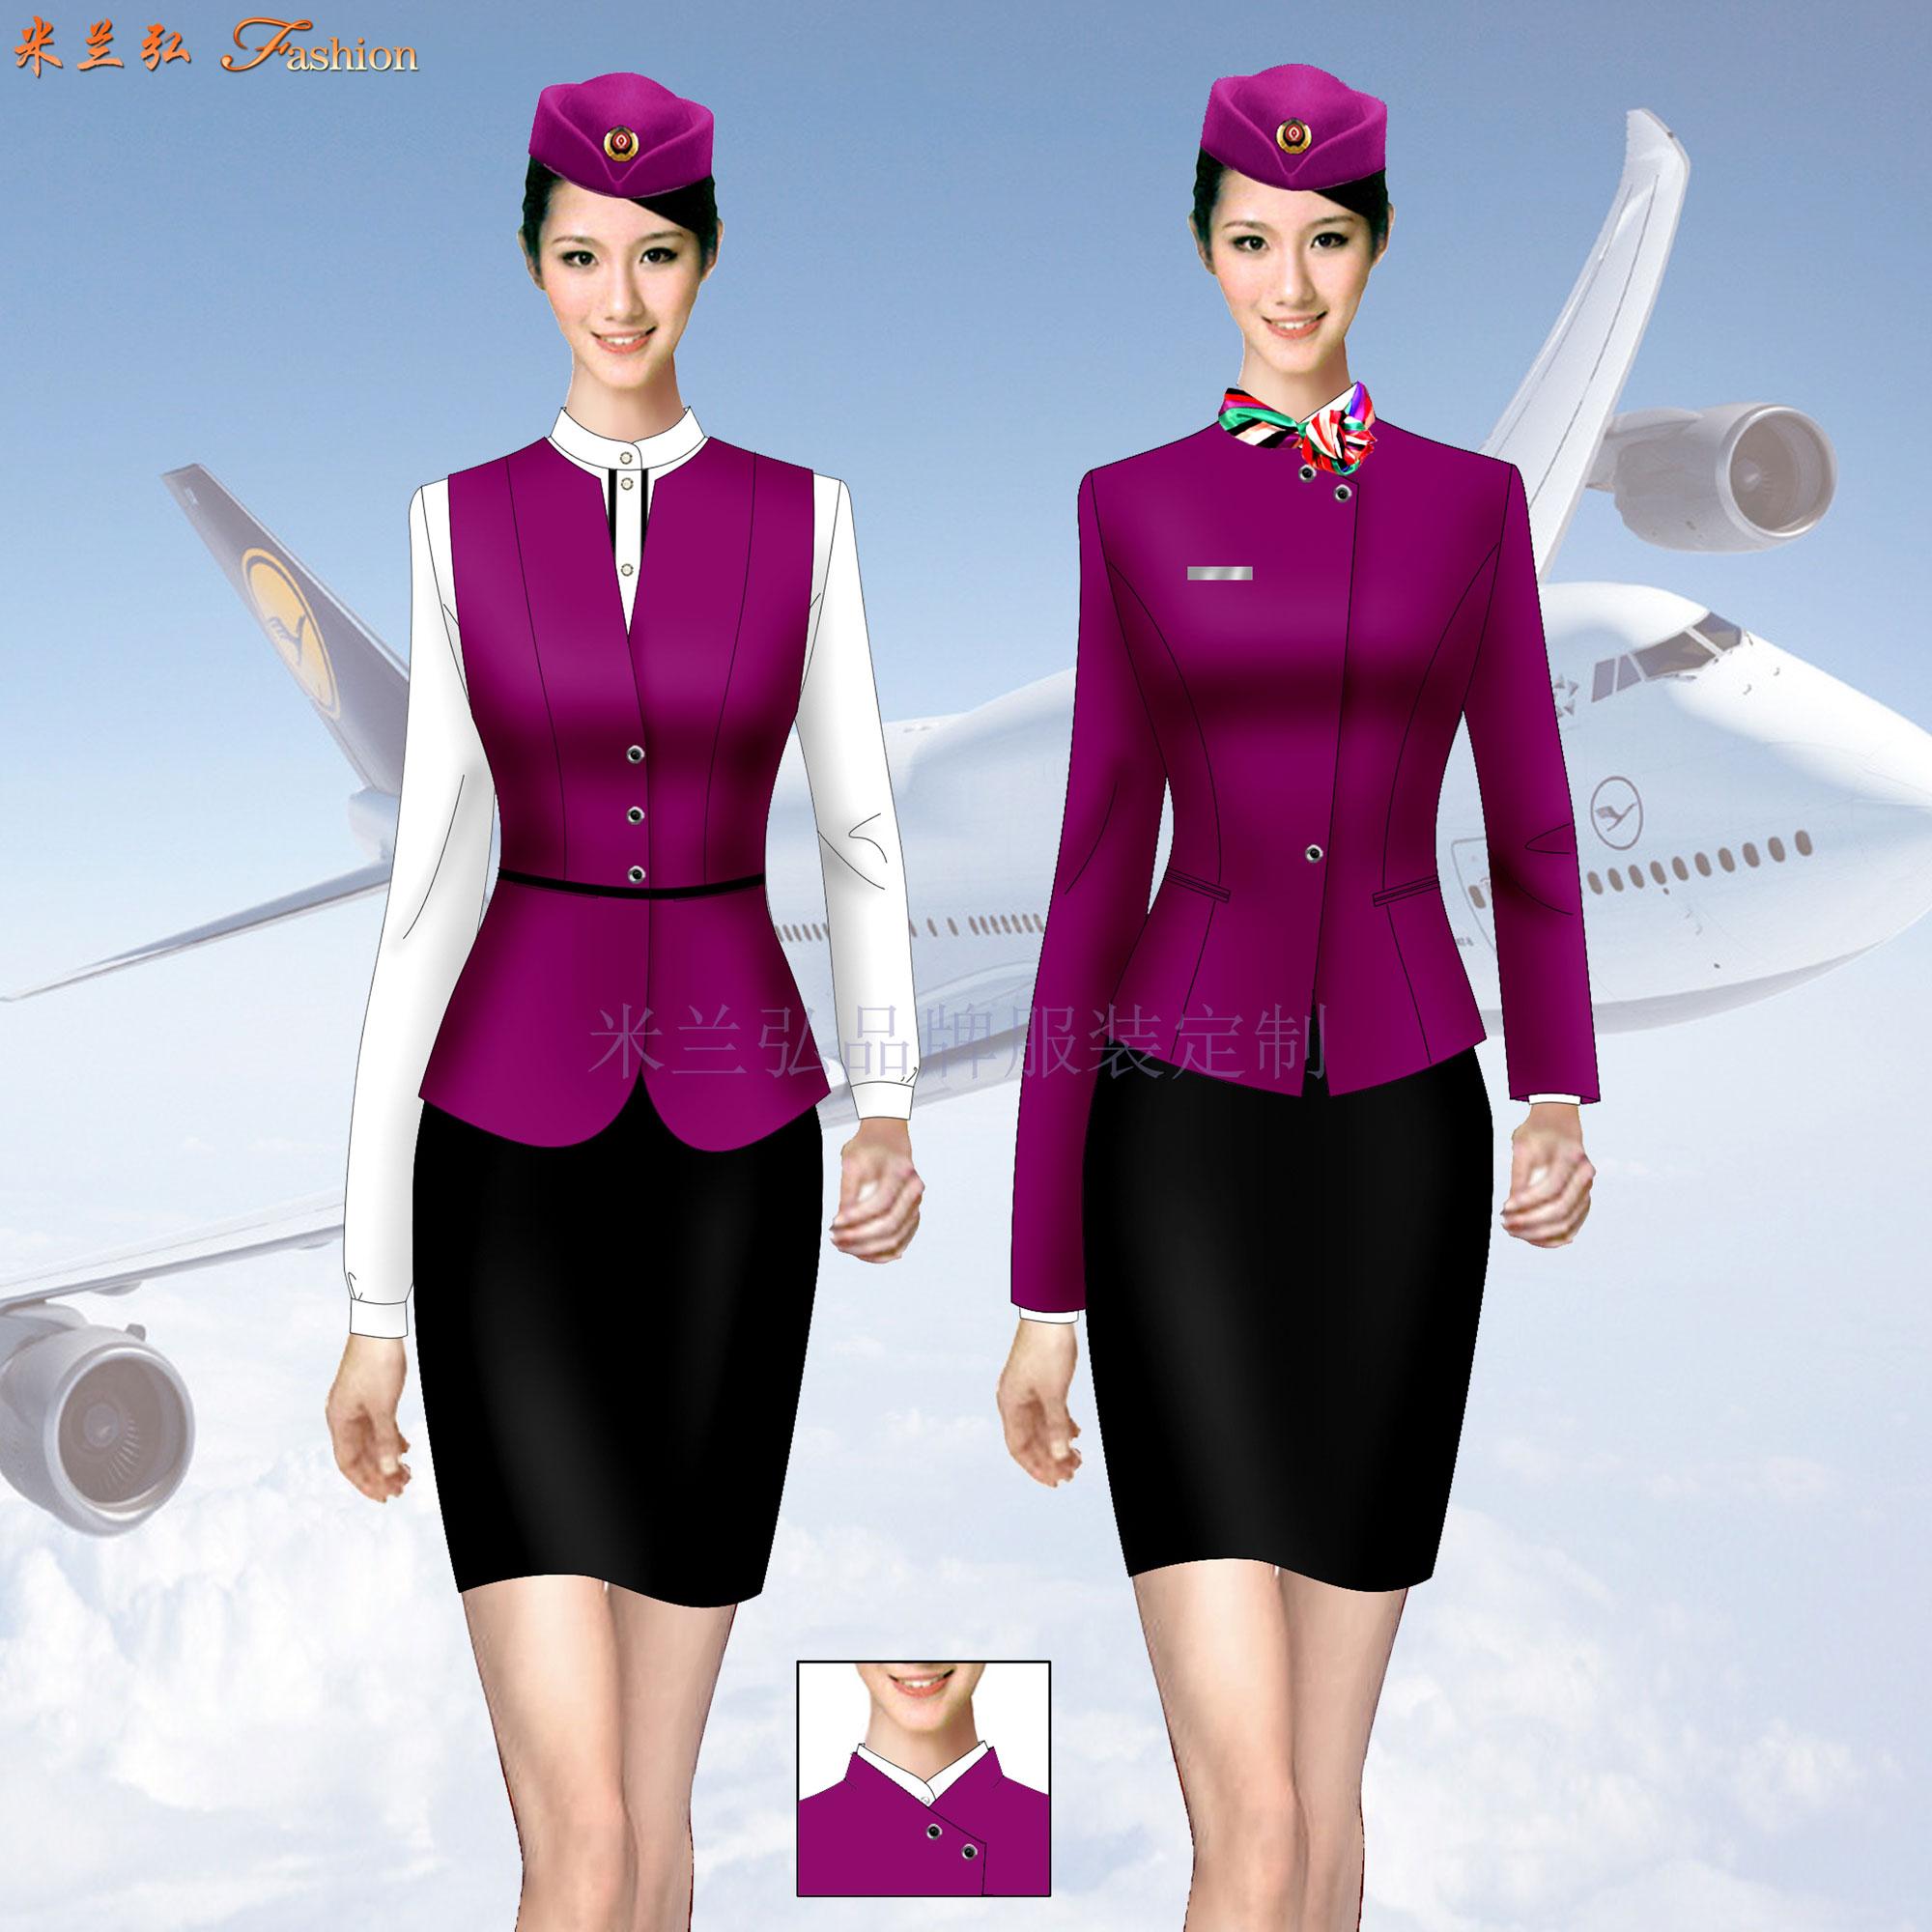 「濟南空姐服定制」「濟南空乘服訂做」推薦式樣時髦米蘭弘服裝